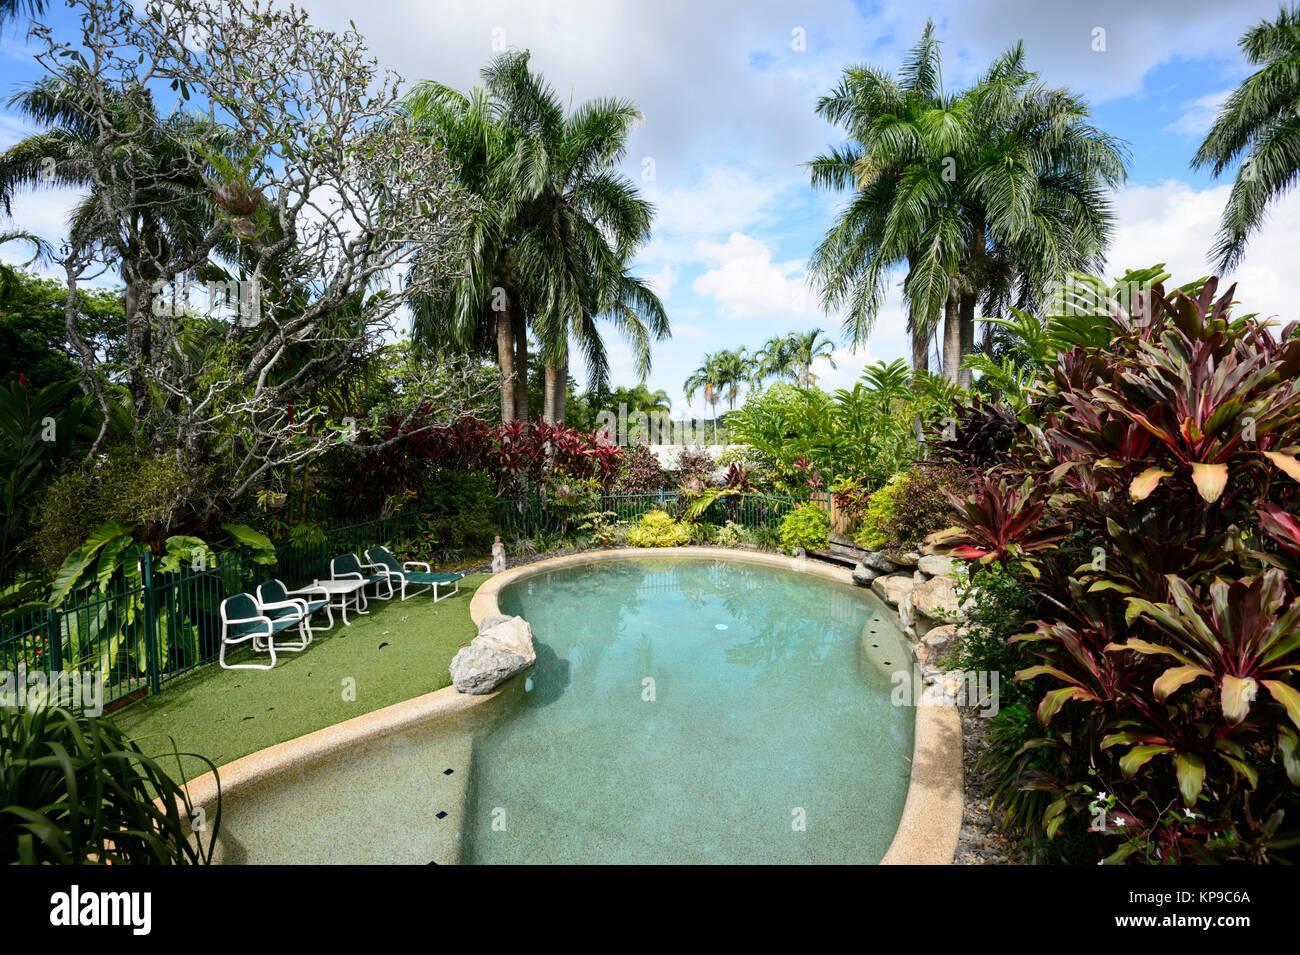 Piscine extérieure entourée par une végétation tropicale dans les tropiques humides, Cairns, Photo Stock